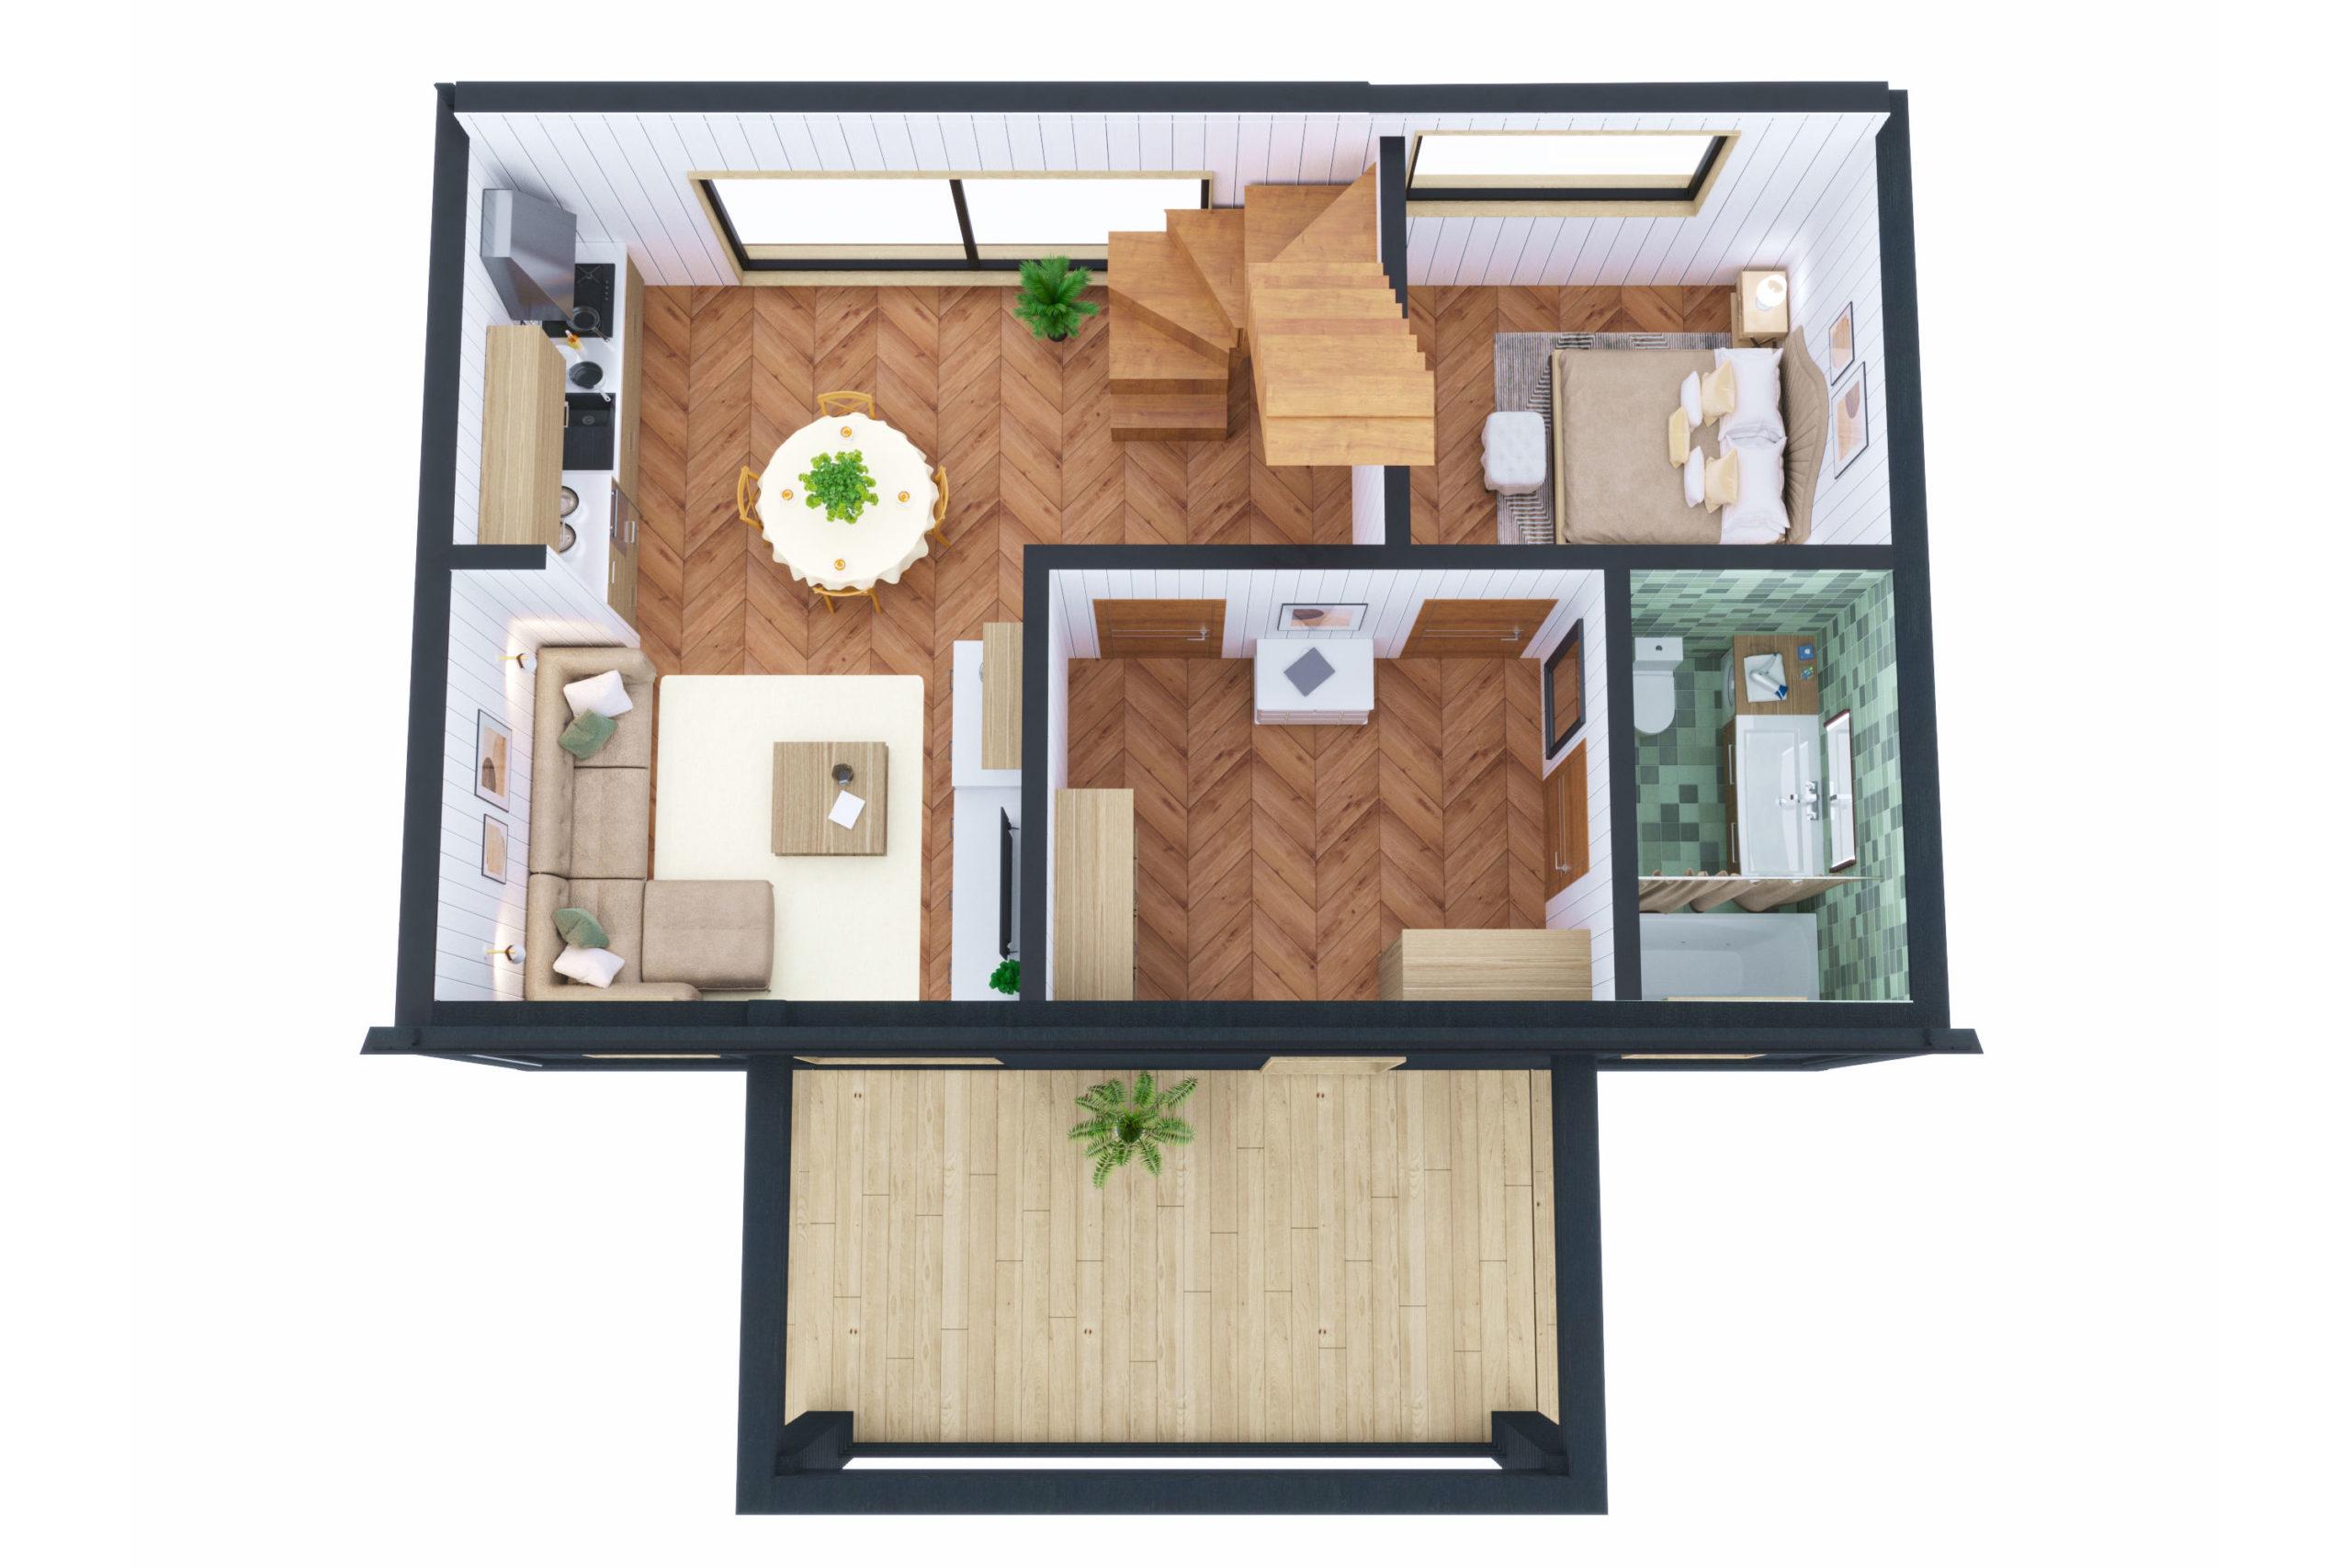 Планировка дома Кемиярви (Kemijarvi) – фото 1